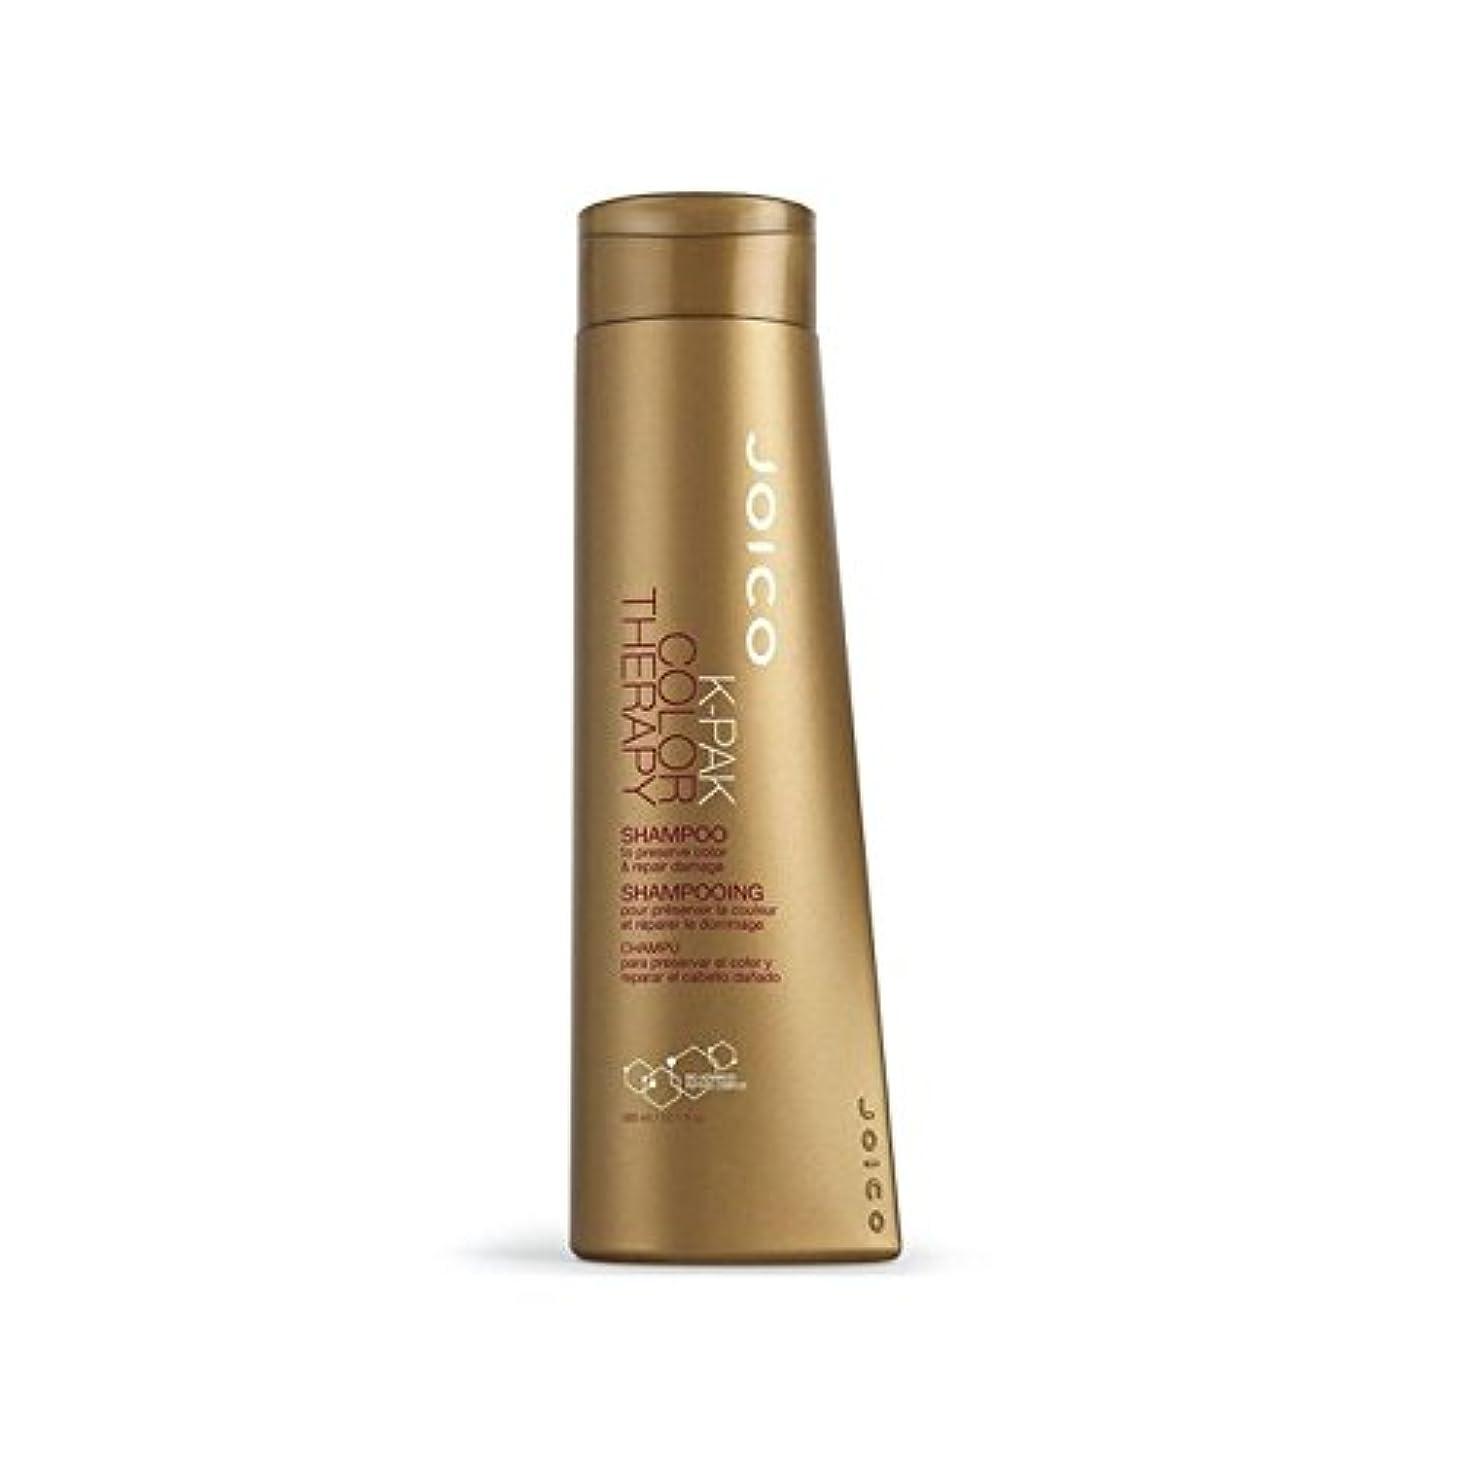 延ばす座標ニッケルJoico K-Pak Color Therapy Shampoo 300ml - ジョイコ-カラーセラピーシャンプー300ミリリットル [並行輸入品]